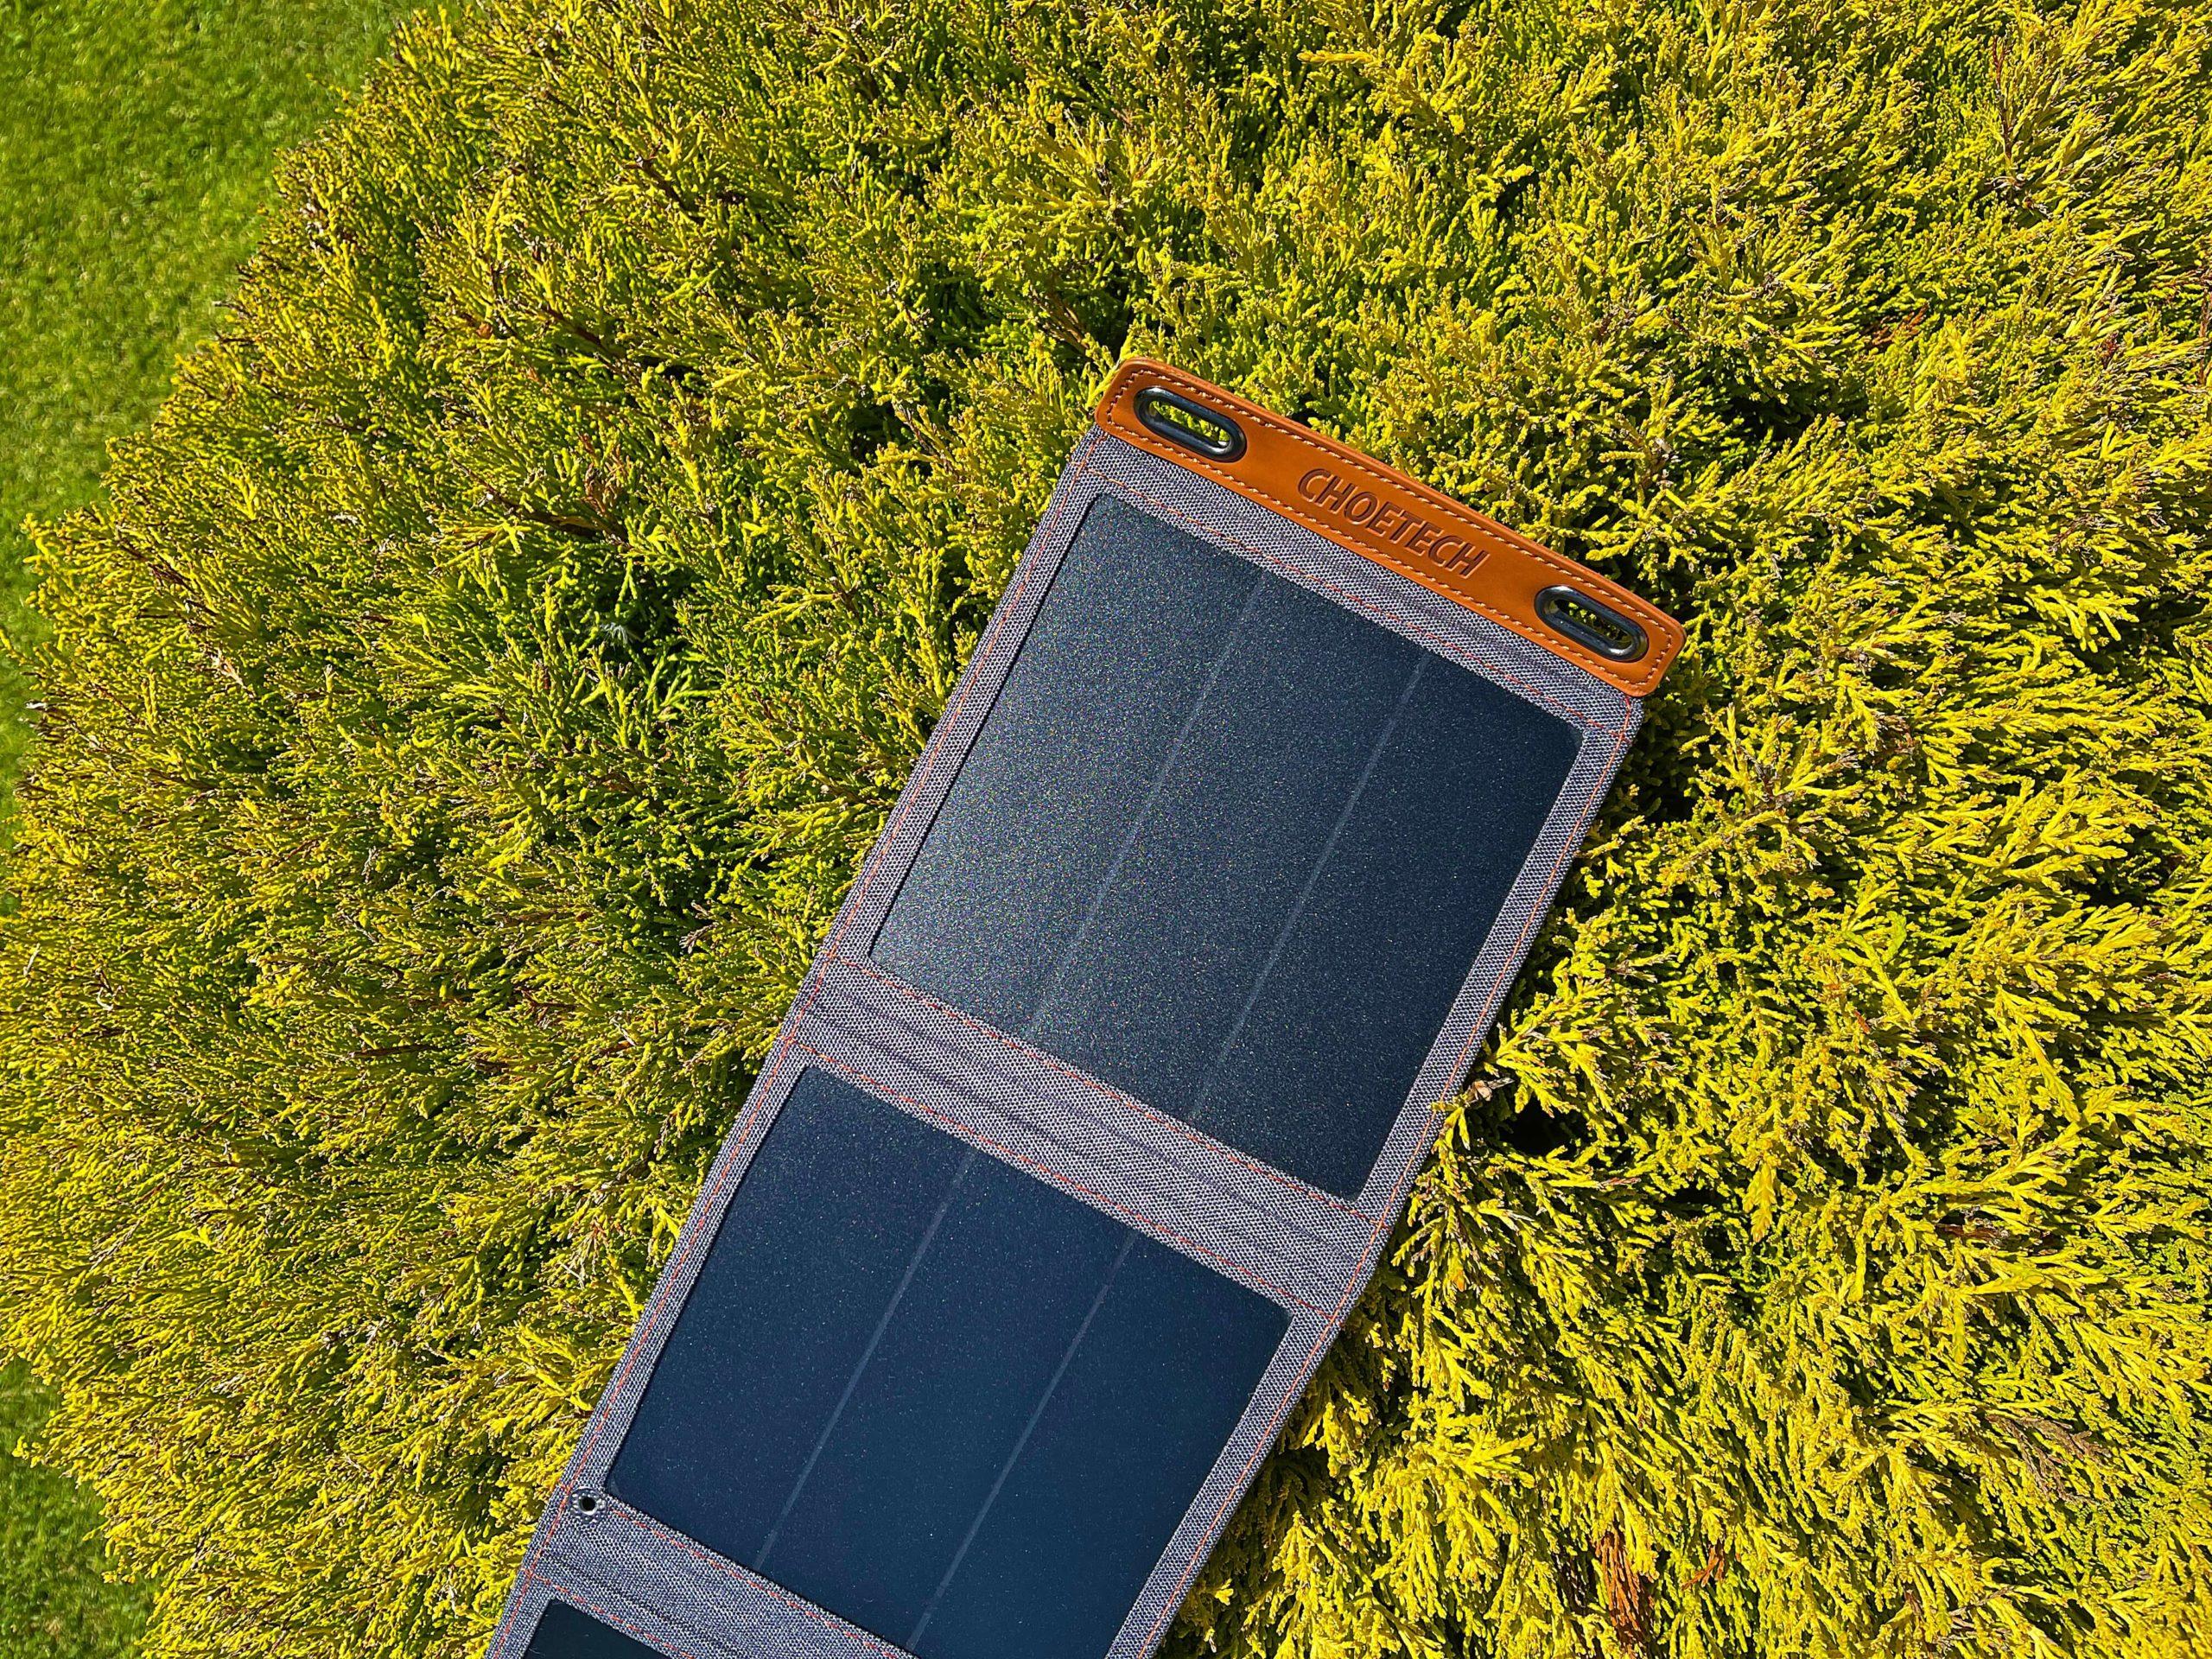 14-Watt-Solarladegeraet-von-Choetech-mit-der-Kraft-der-Sonne-aufladen1-scaled 14 Watt Solarladegerät von Choetech - mit der Kraft der Sonne aufladen